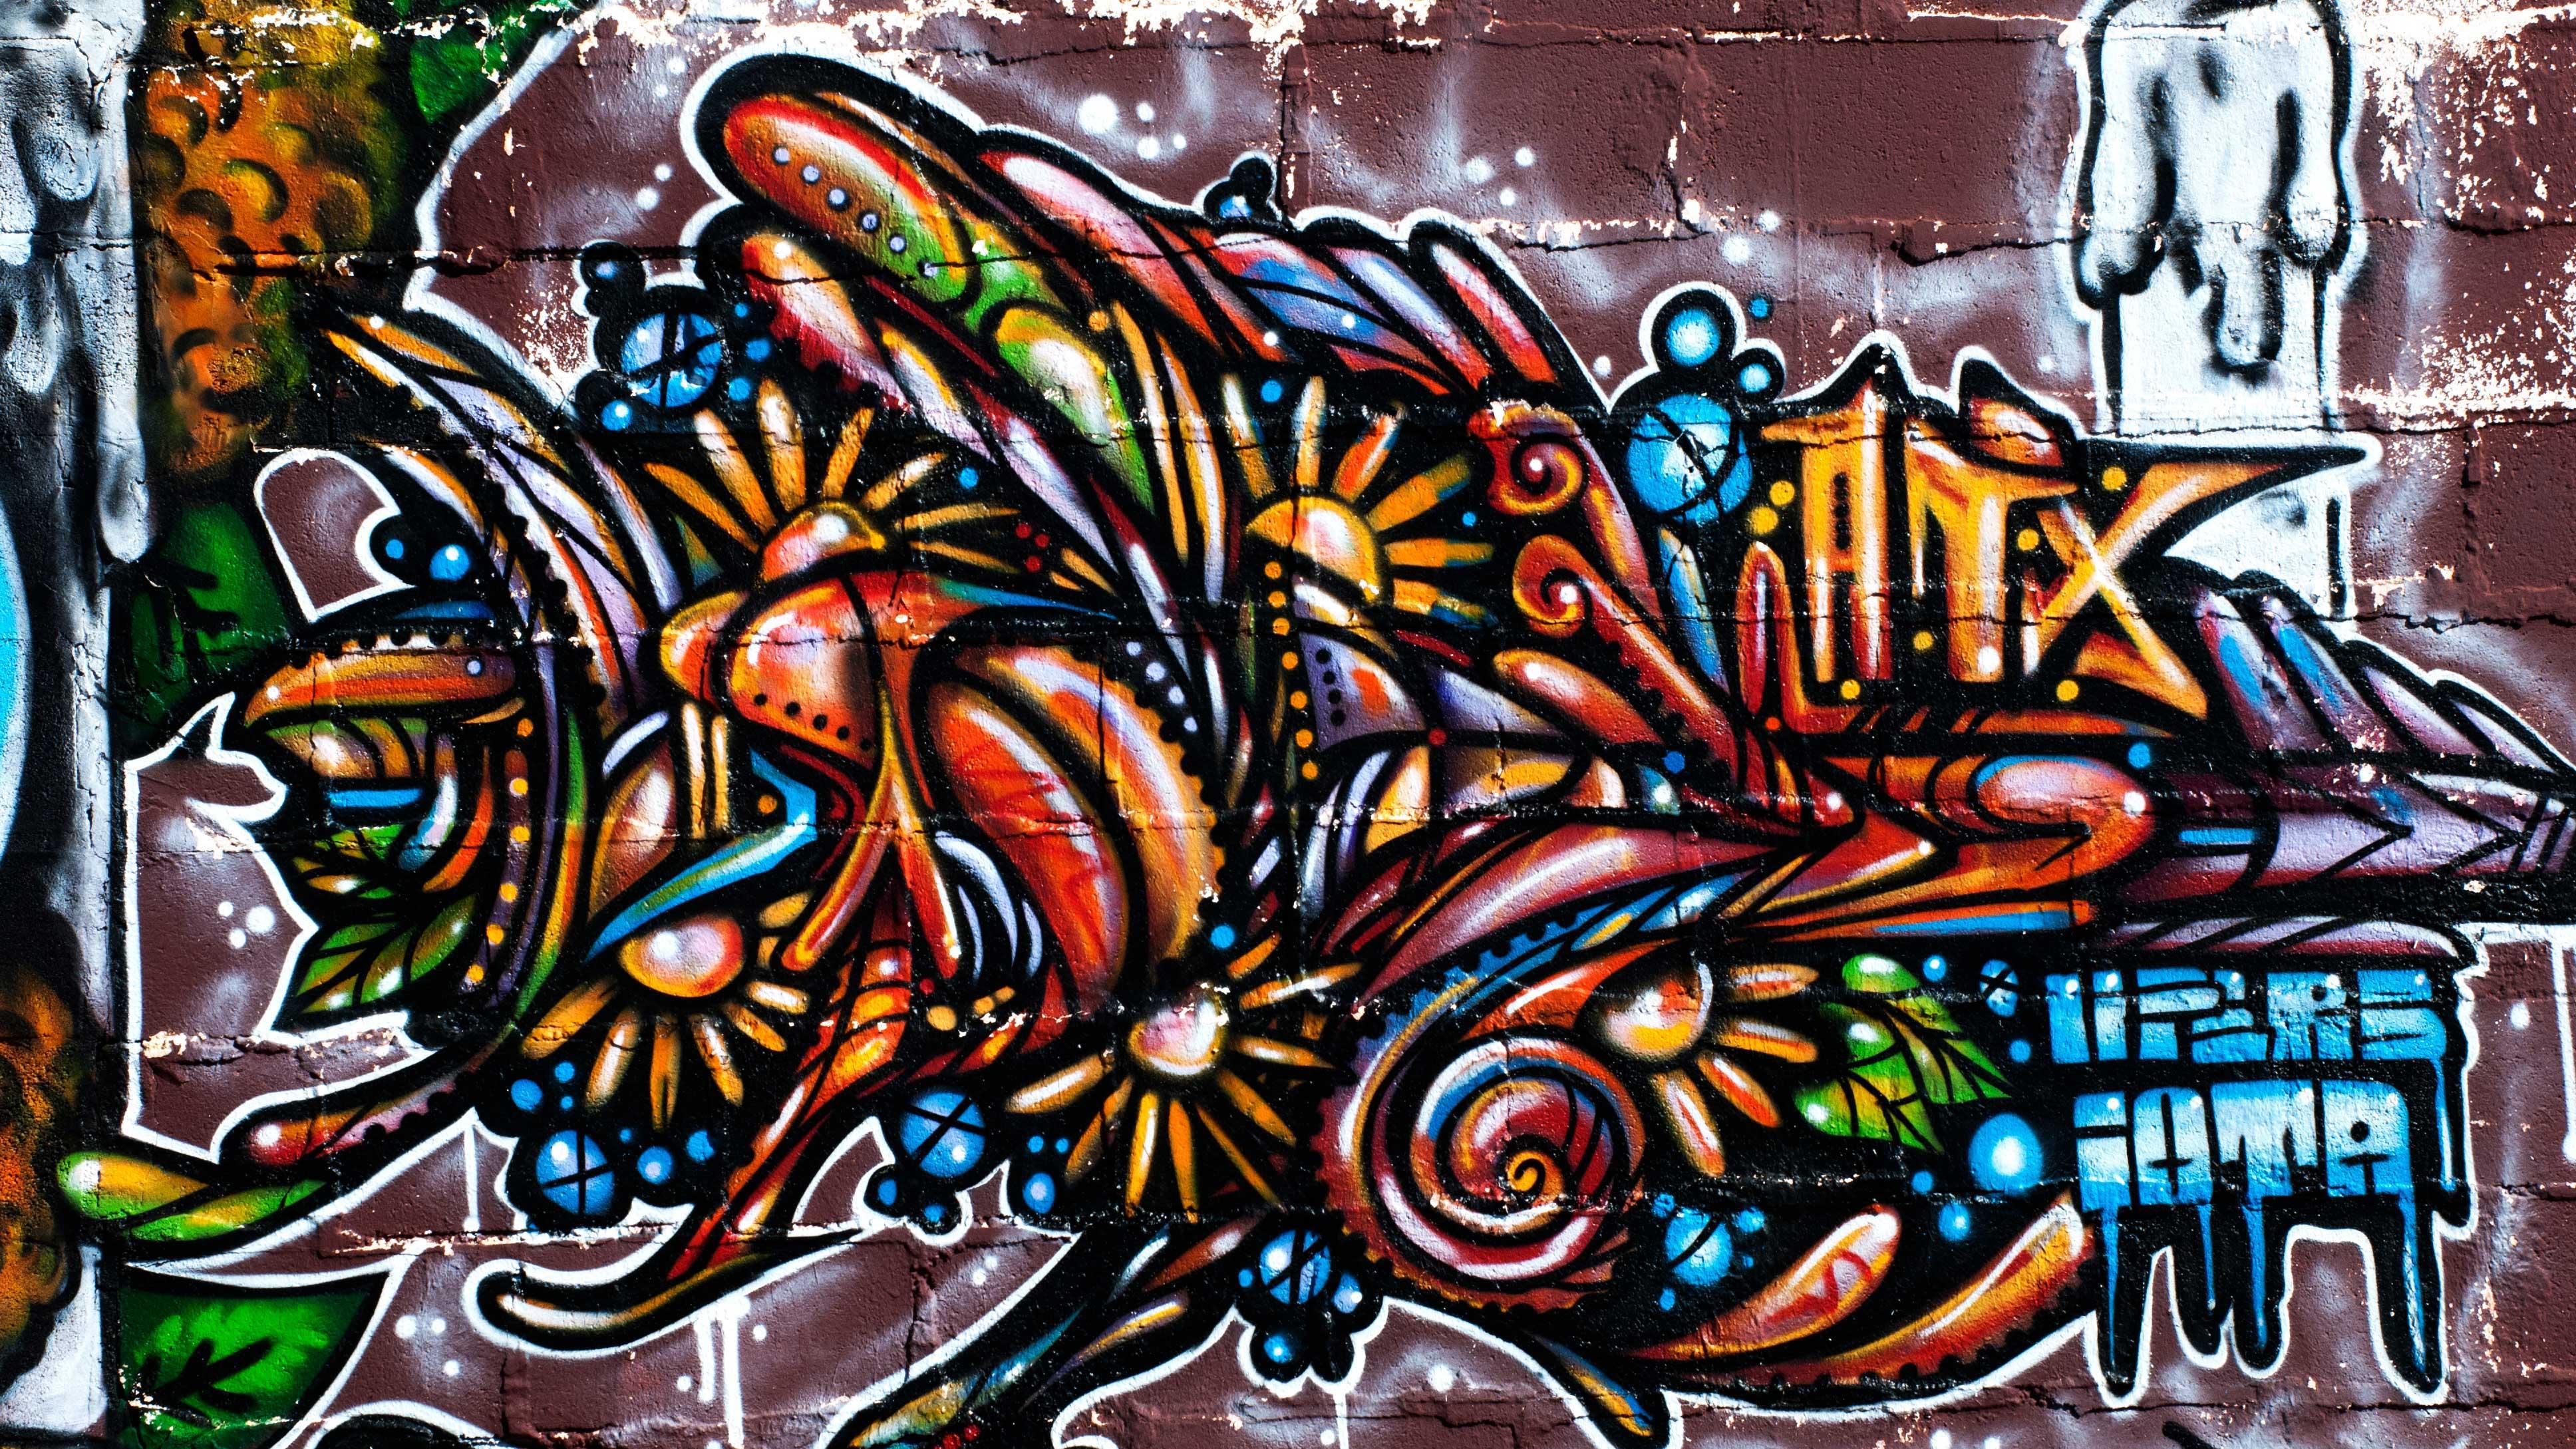 cool graffiti wallpaper - wallpapersafari